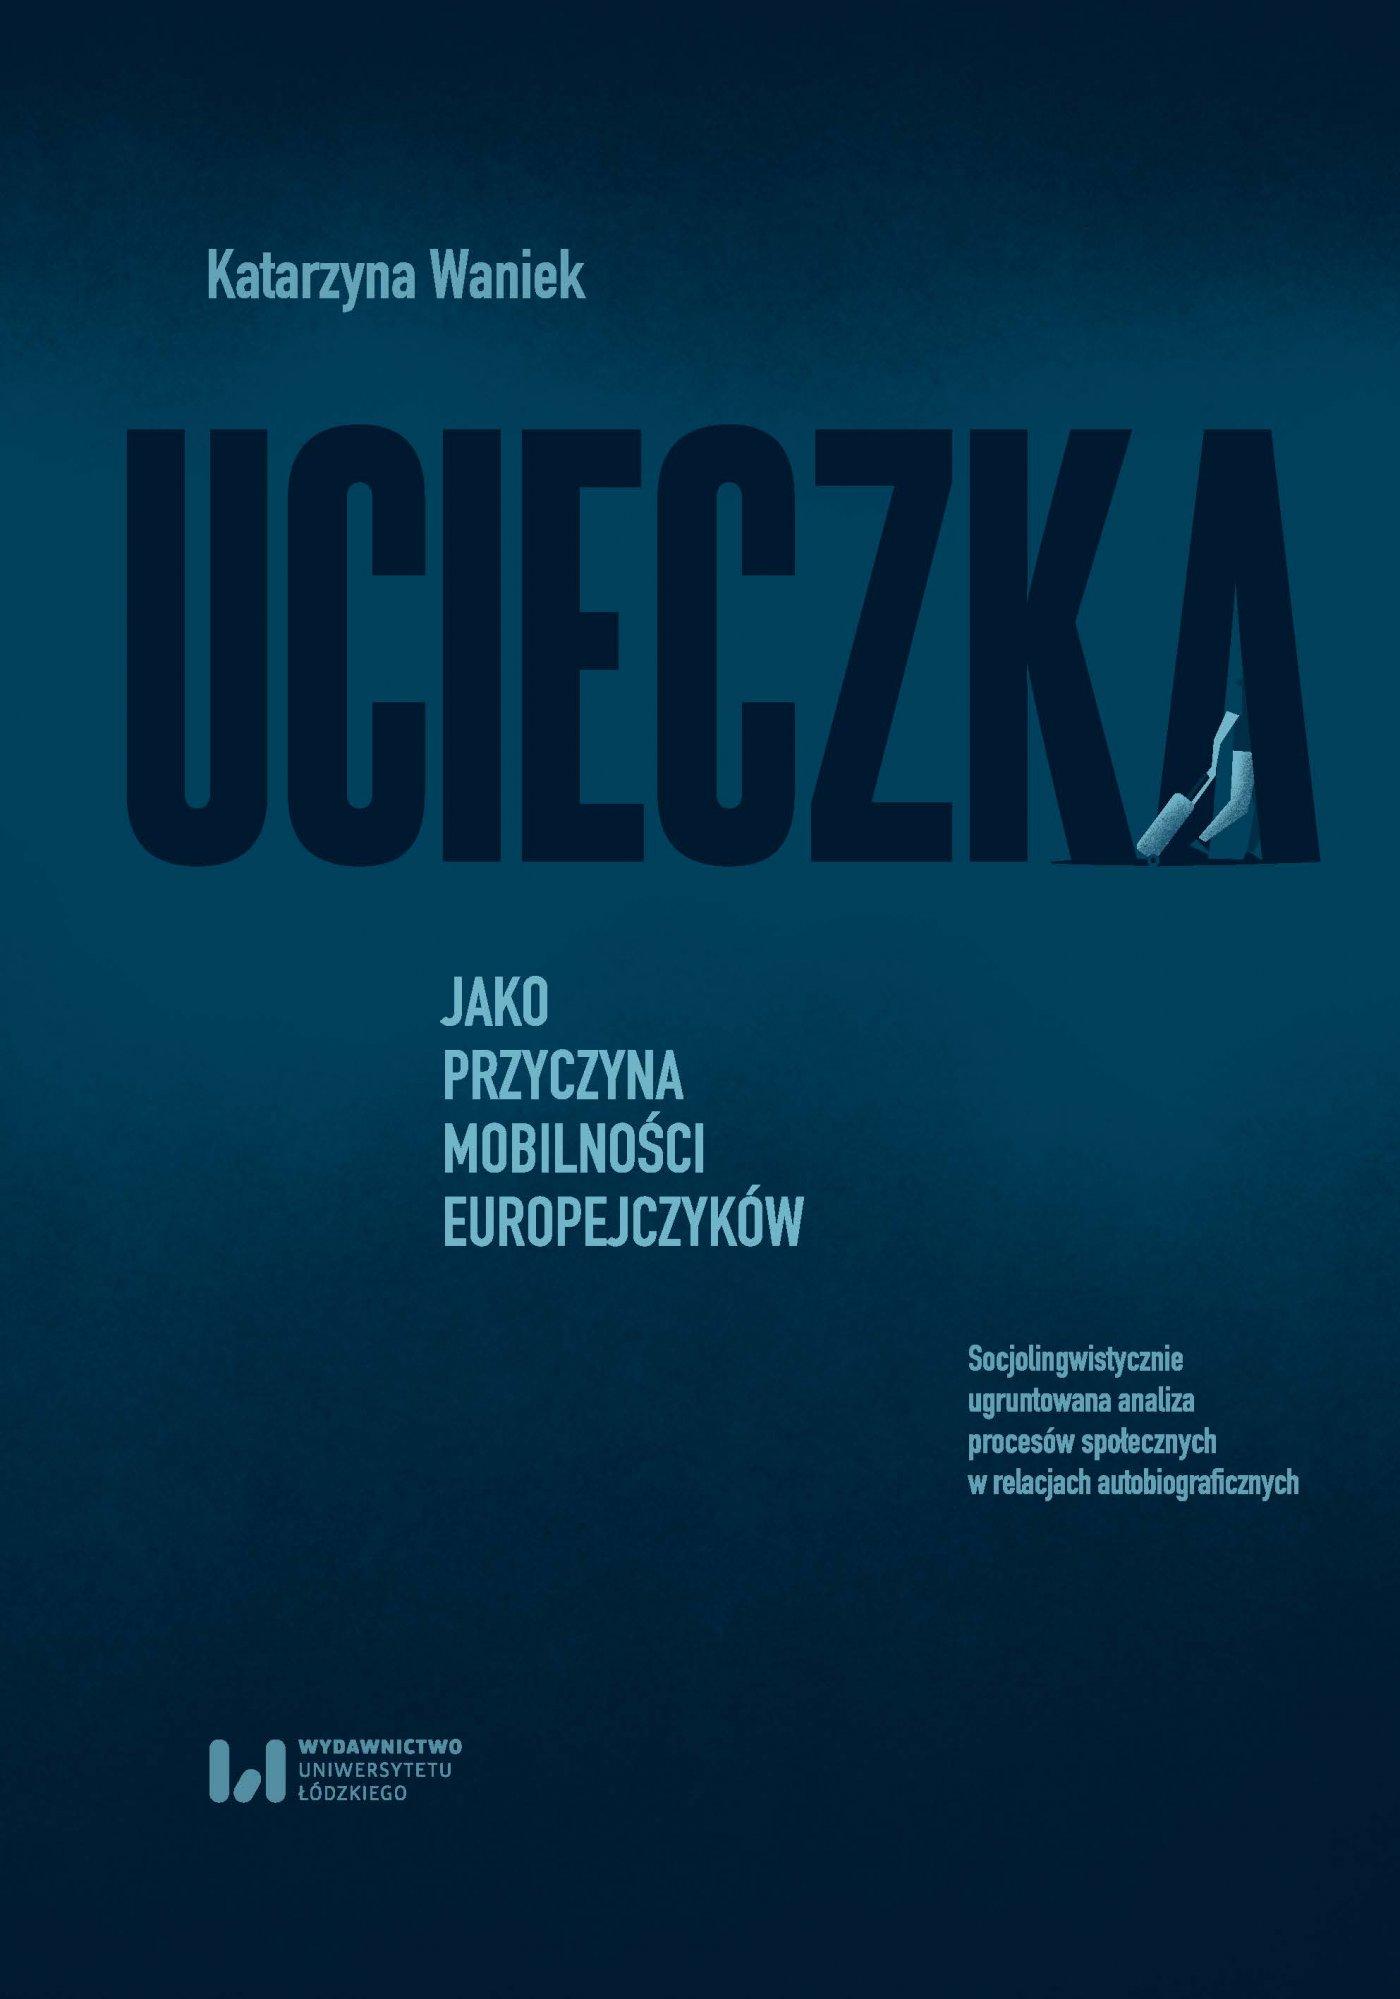 Ucieczka jako przyczyna mobilności Europejczyków. Socjolingwistycznie ugruntowana analiza procesów społecznych w relacjach autobiograficznych - Ebook (Książka PDF) do pobrania w formacie PDF